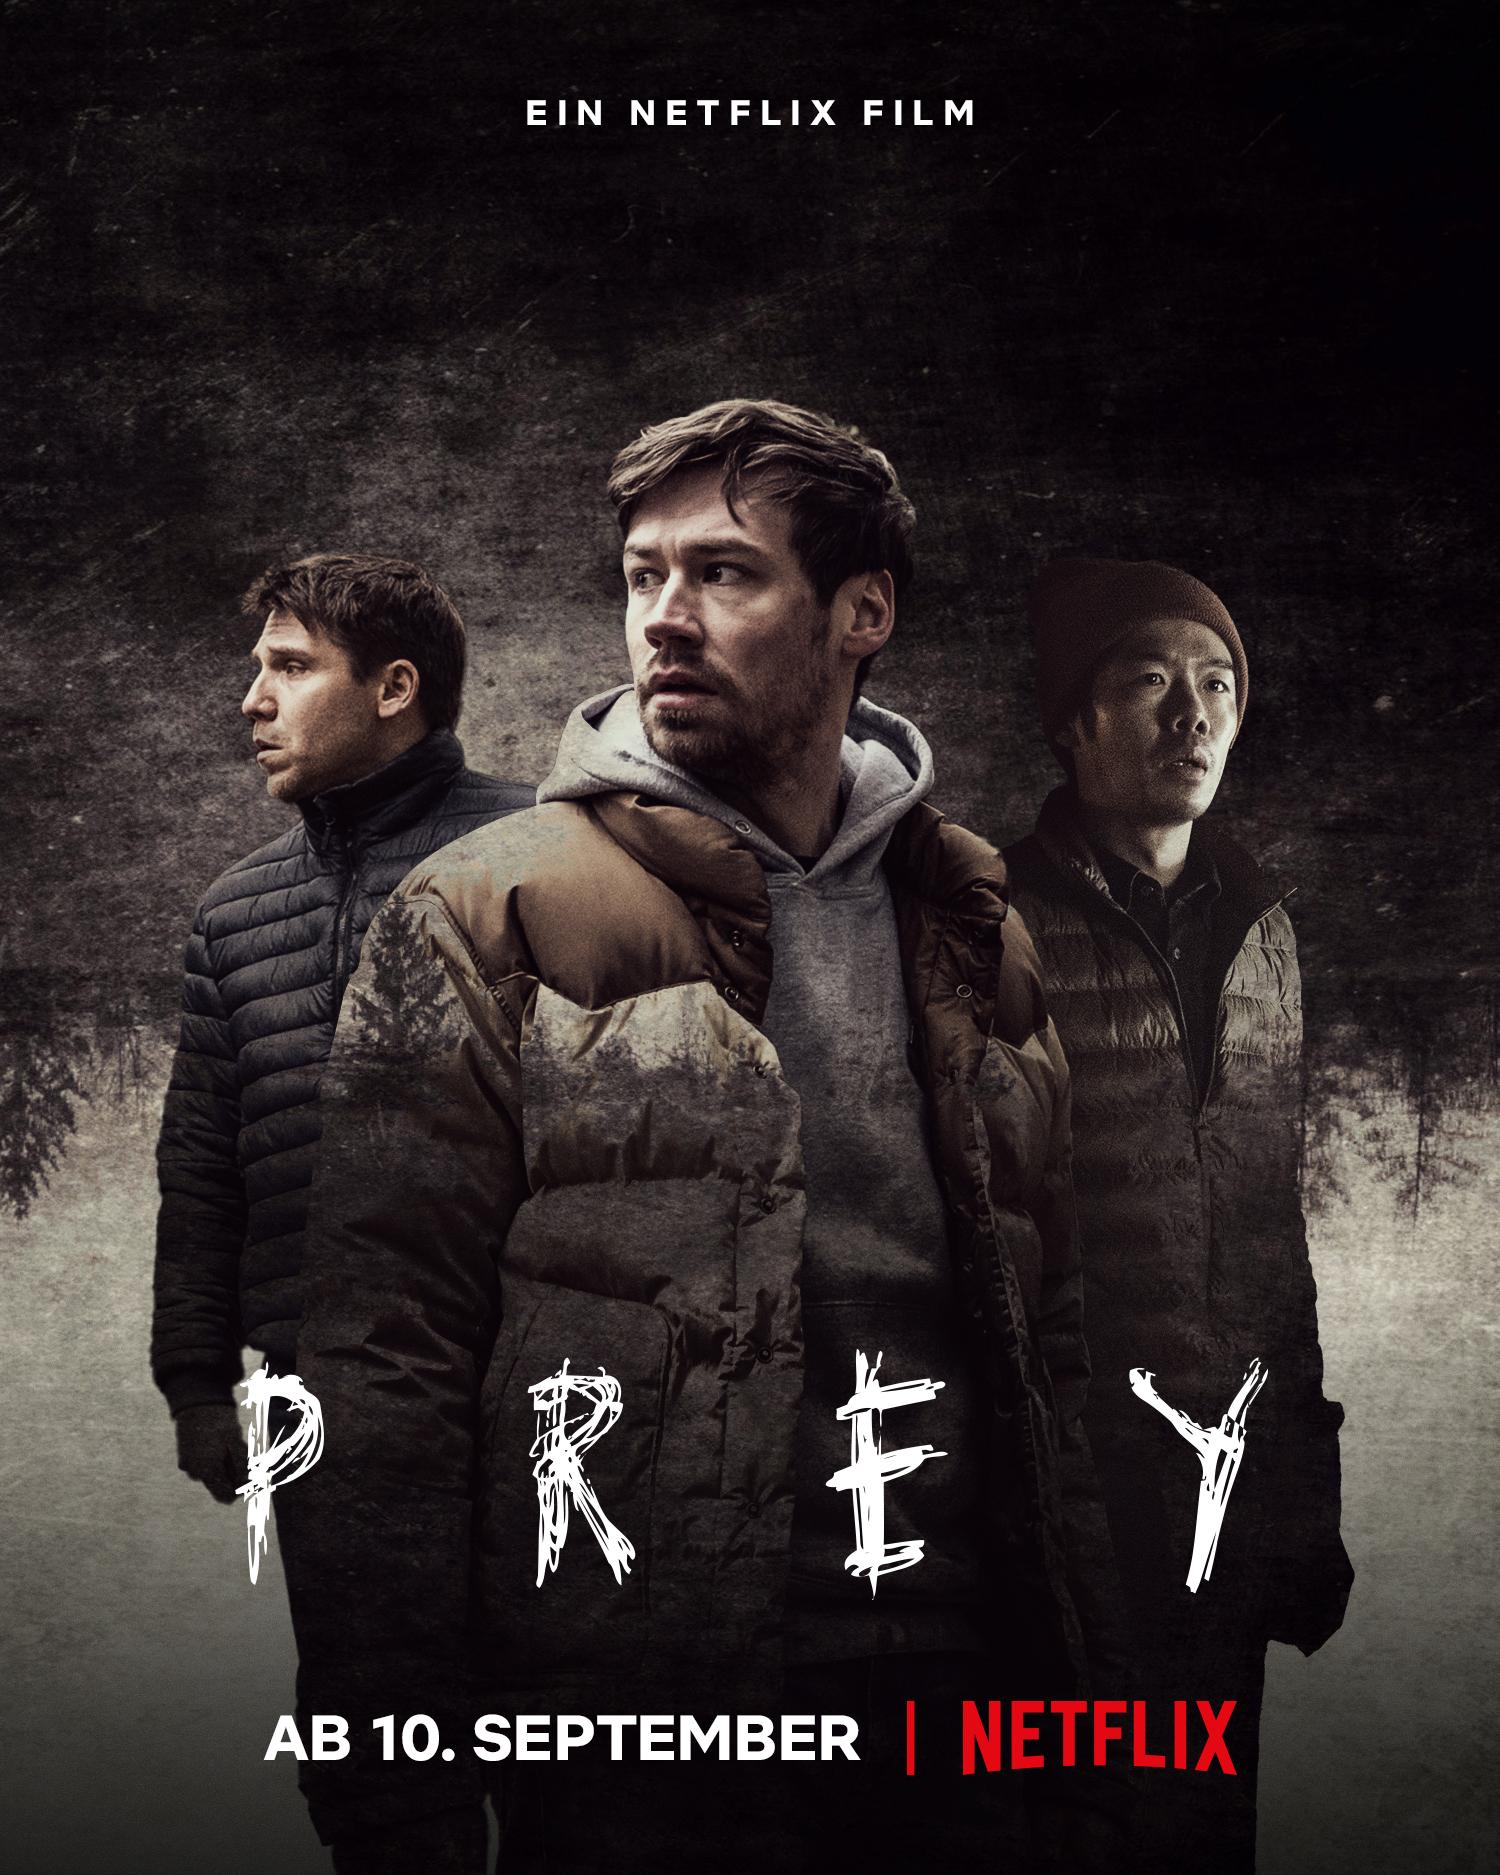 [普雷] 獵物 Prey (Netflix 德國片)